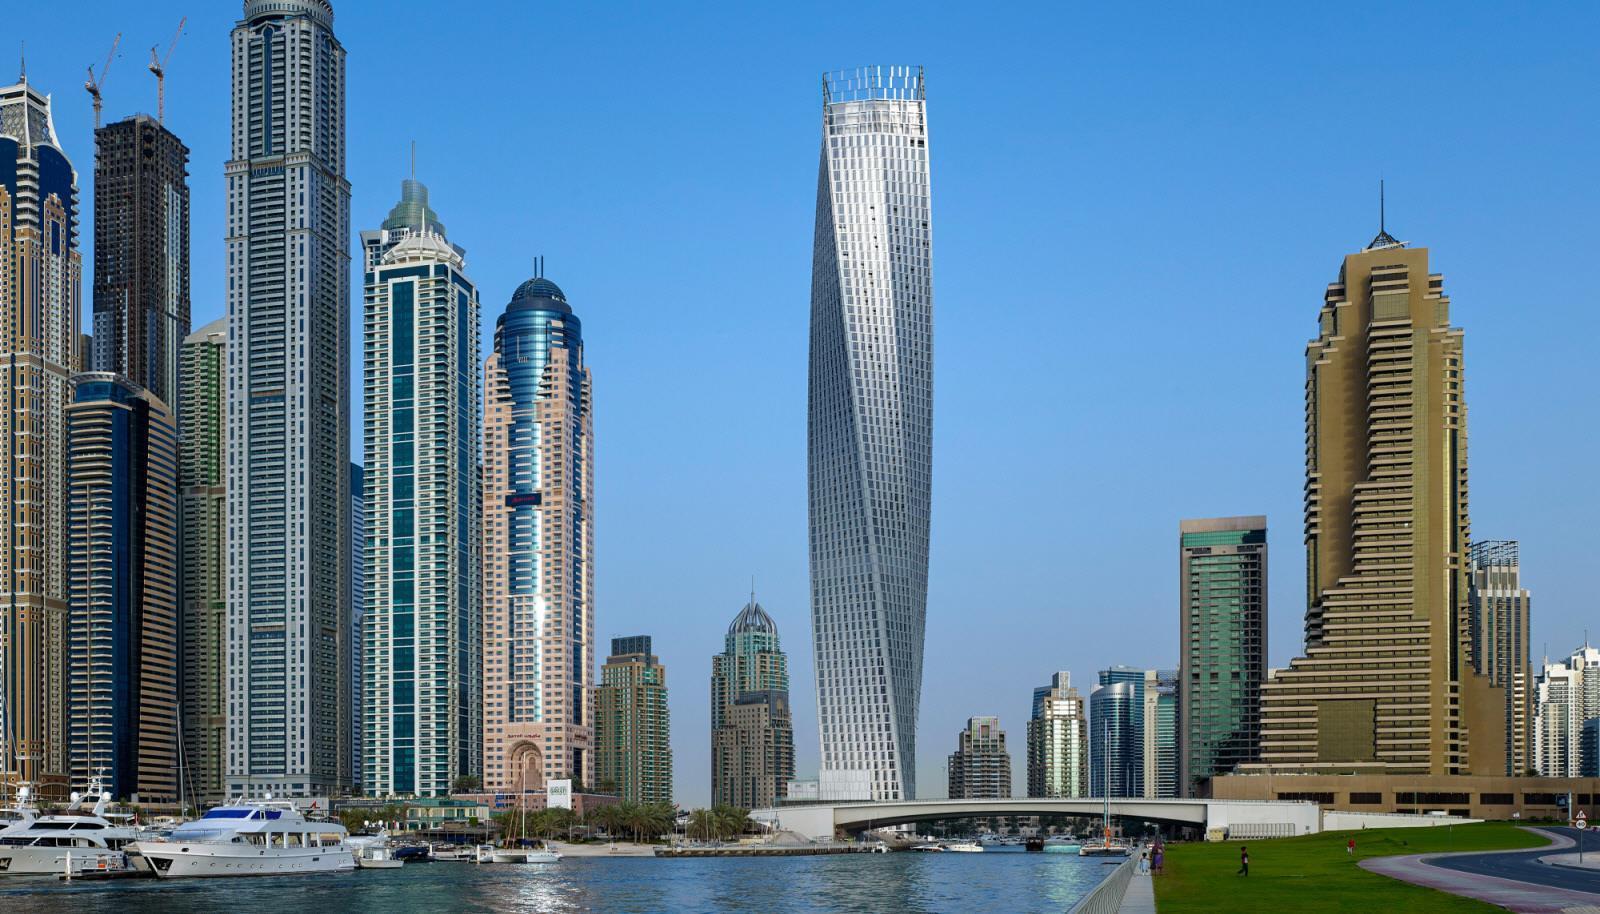 10 tòa tháp xoắn ốc đẹp ấn tượng thế giới Ảnh 9